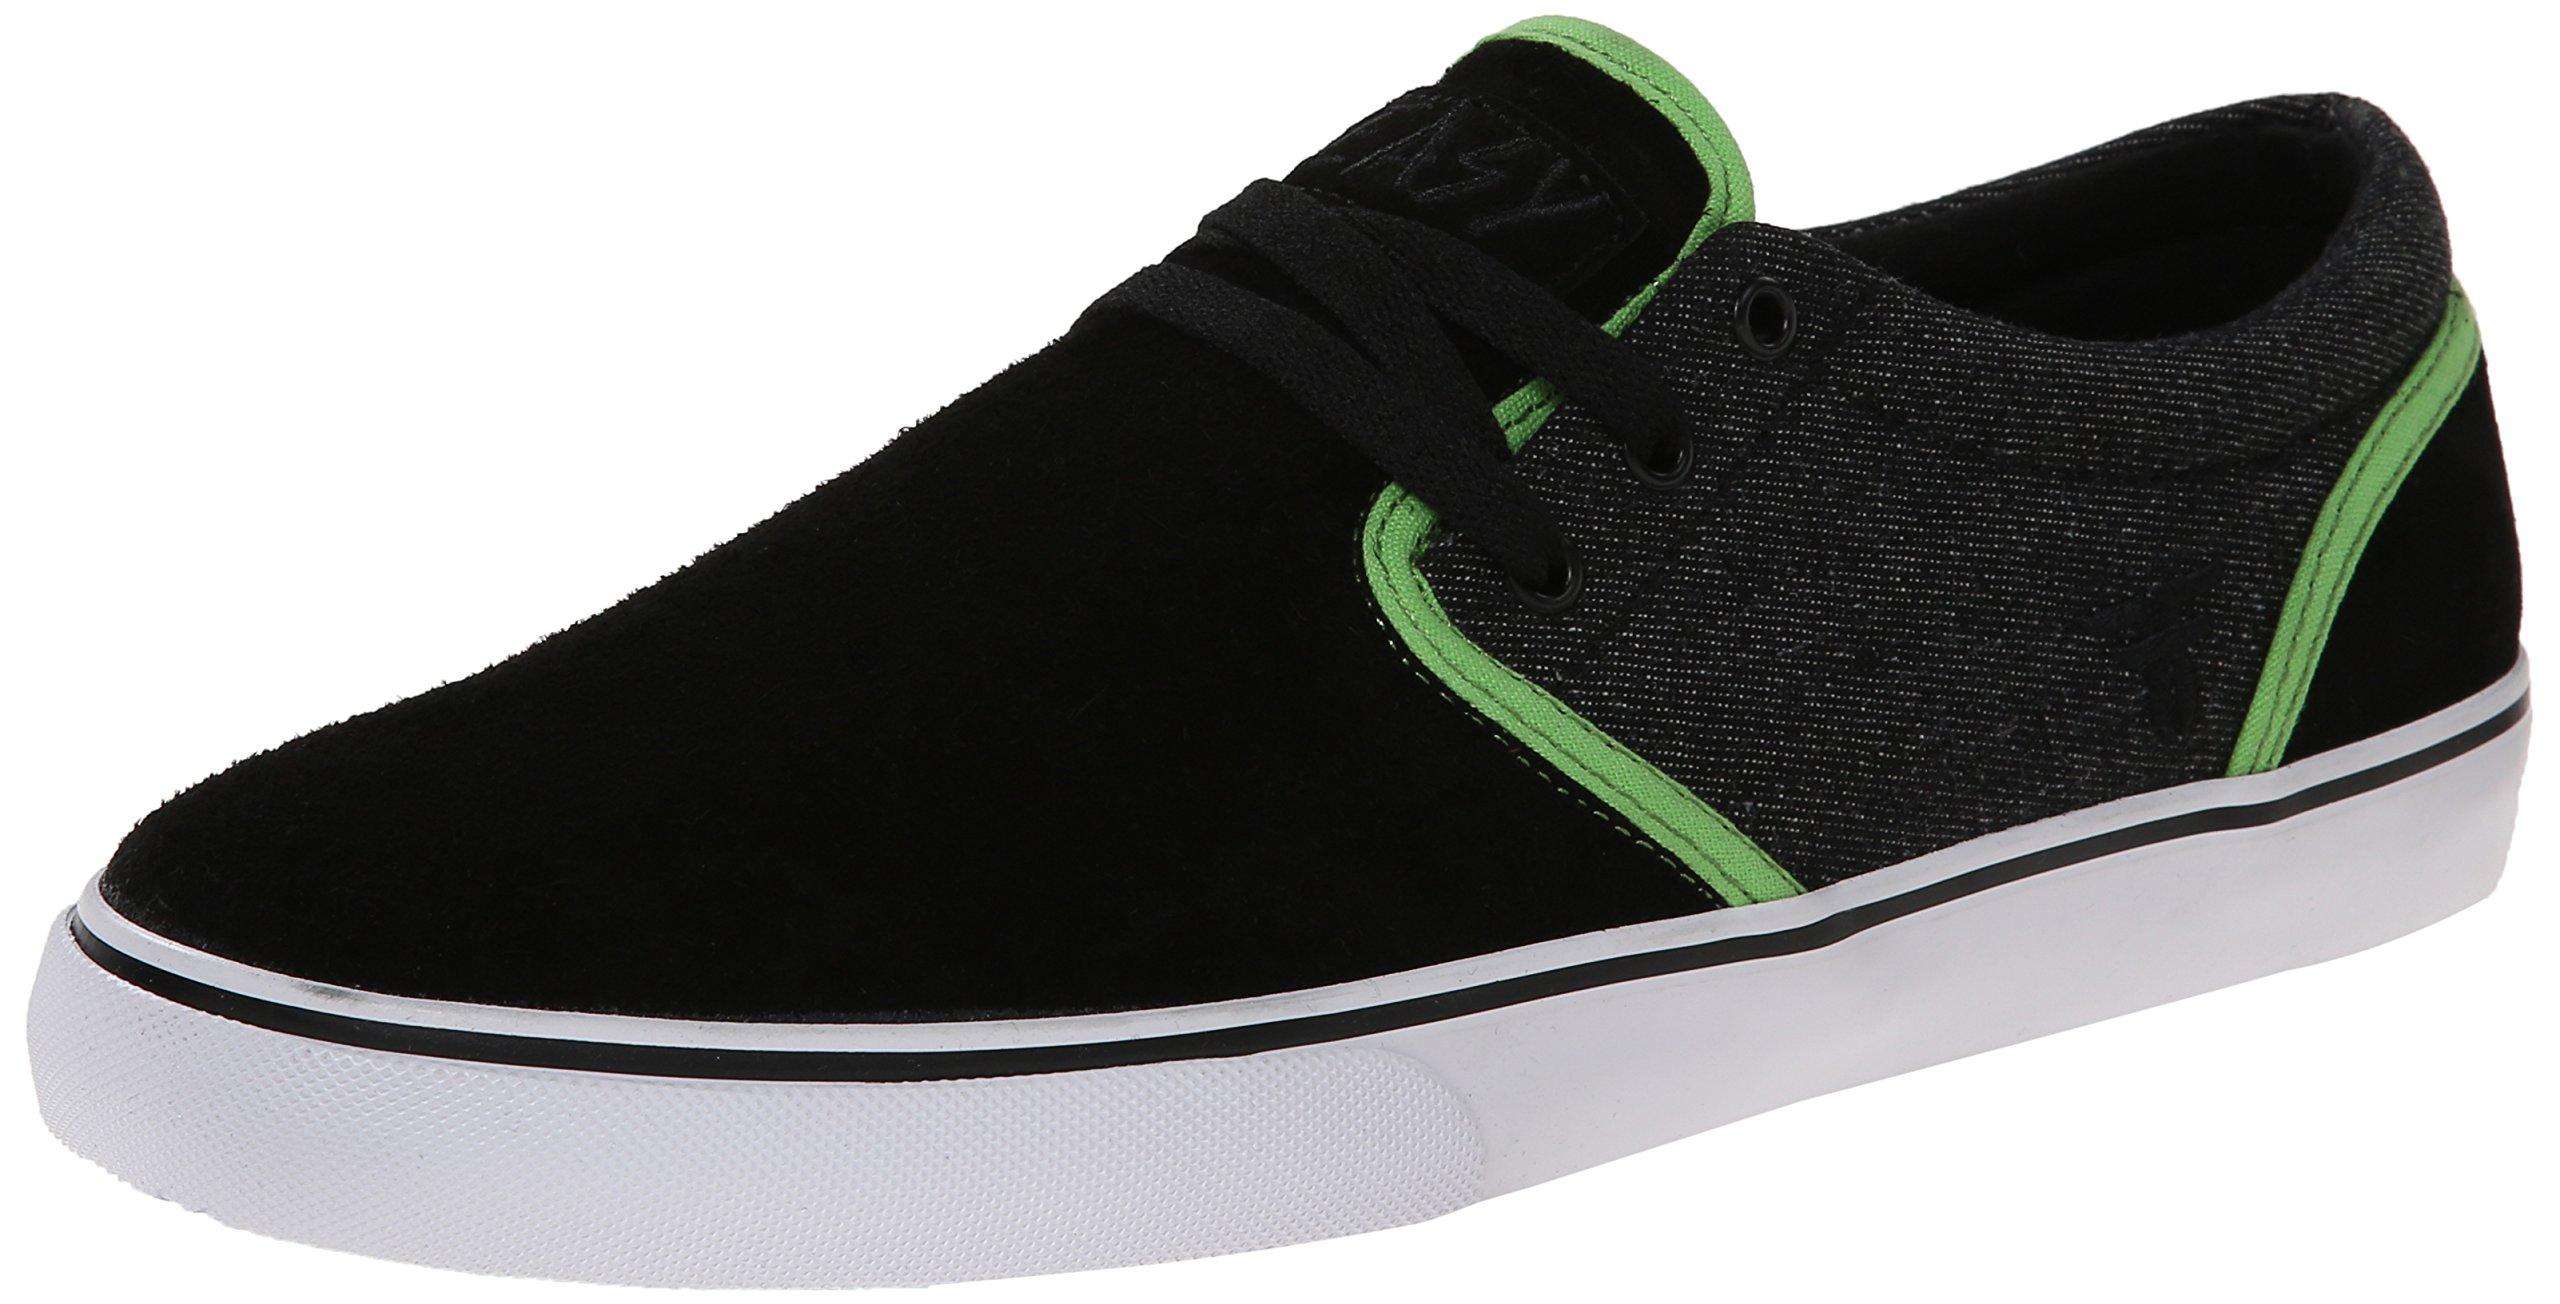 Fallen Men's The Easy Skateboard Shoe, Black/Psych Green, 11 M US by Fallen